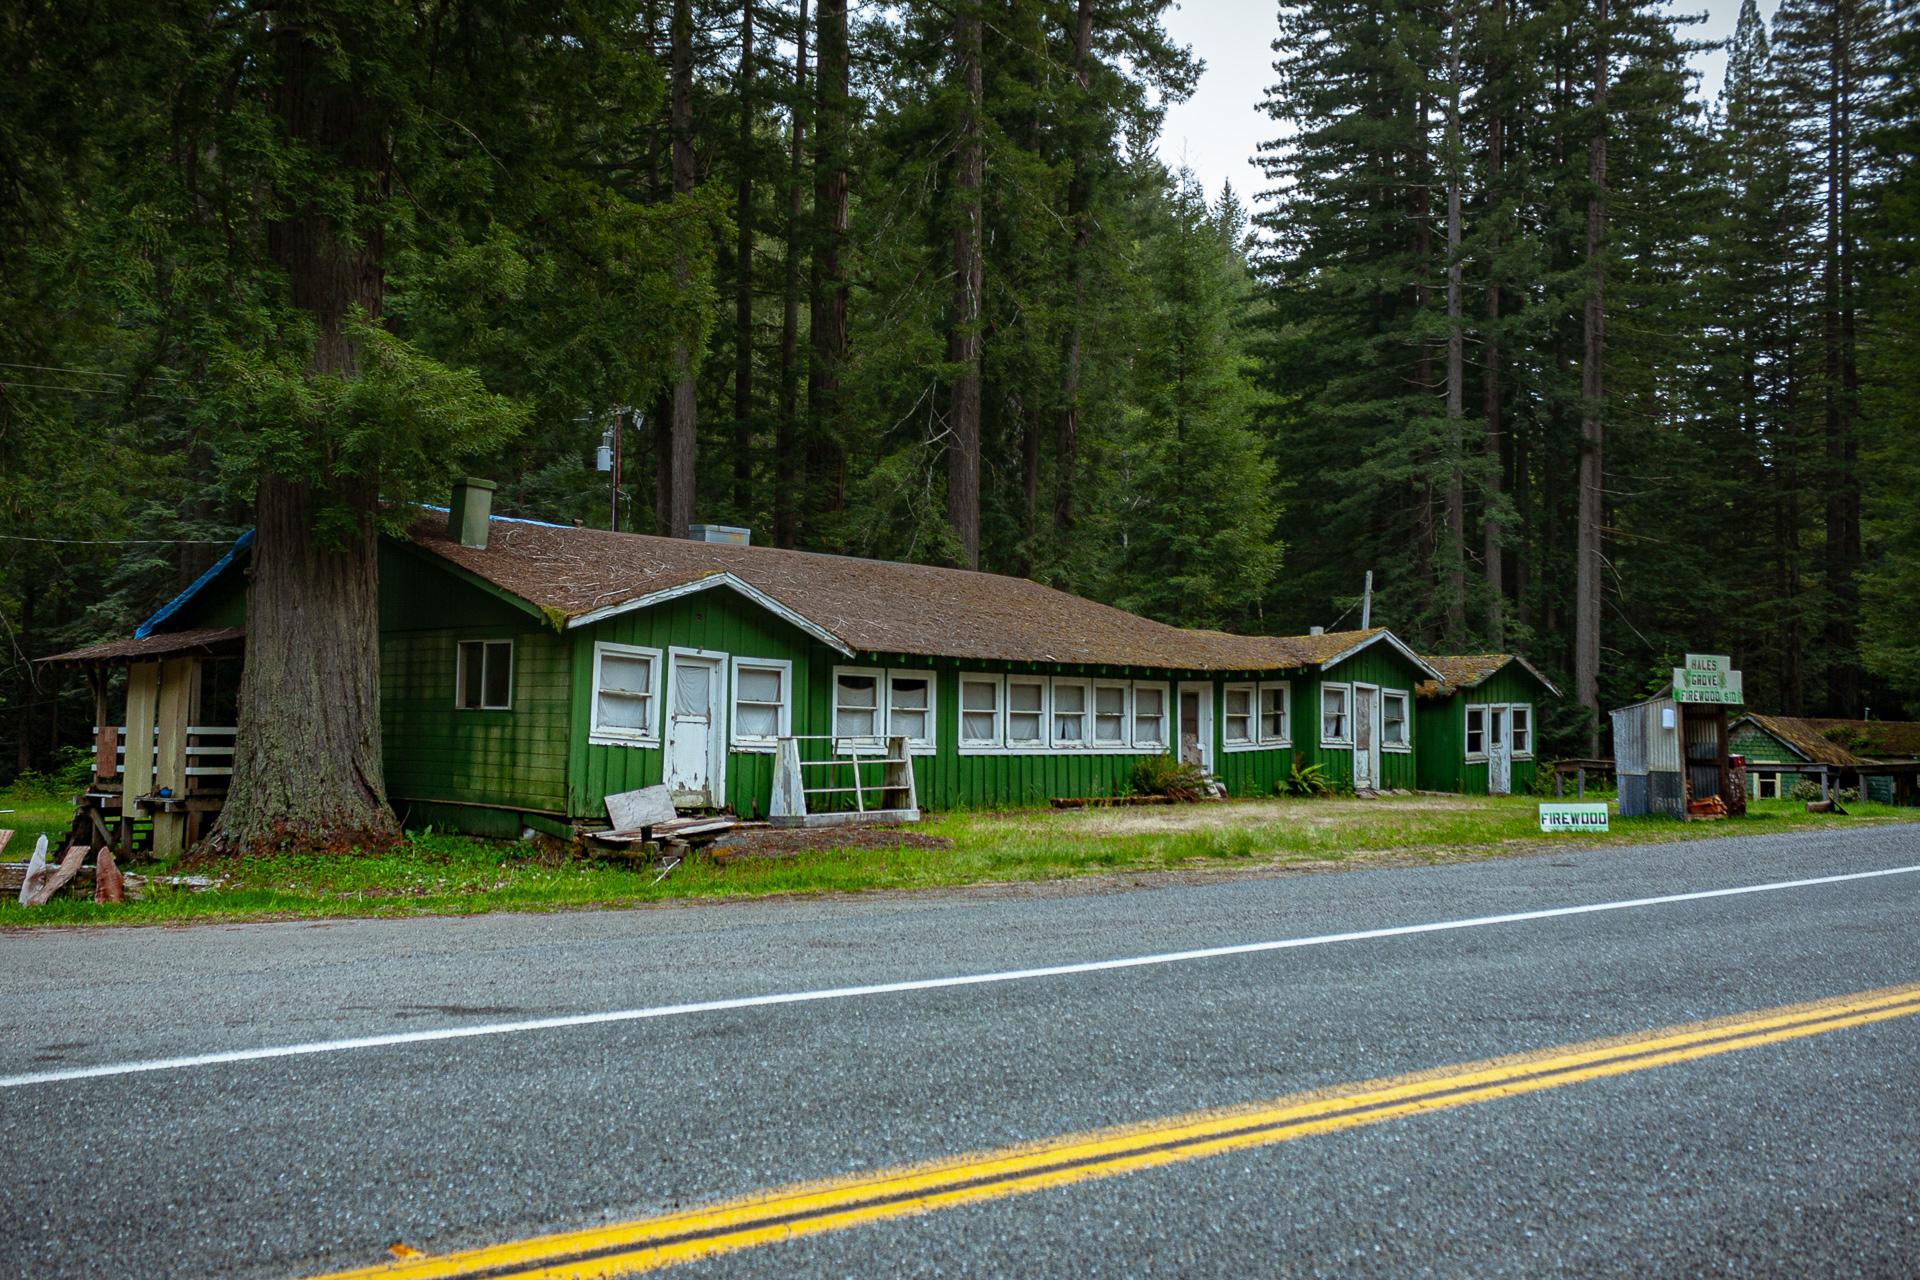 parki narodowe USA, USA – Parki narodowe zachodniego wybrzeża